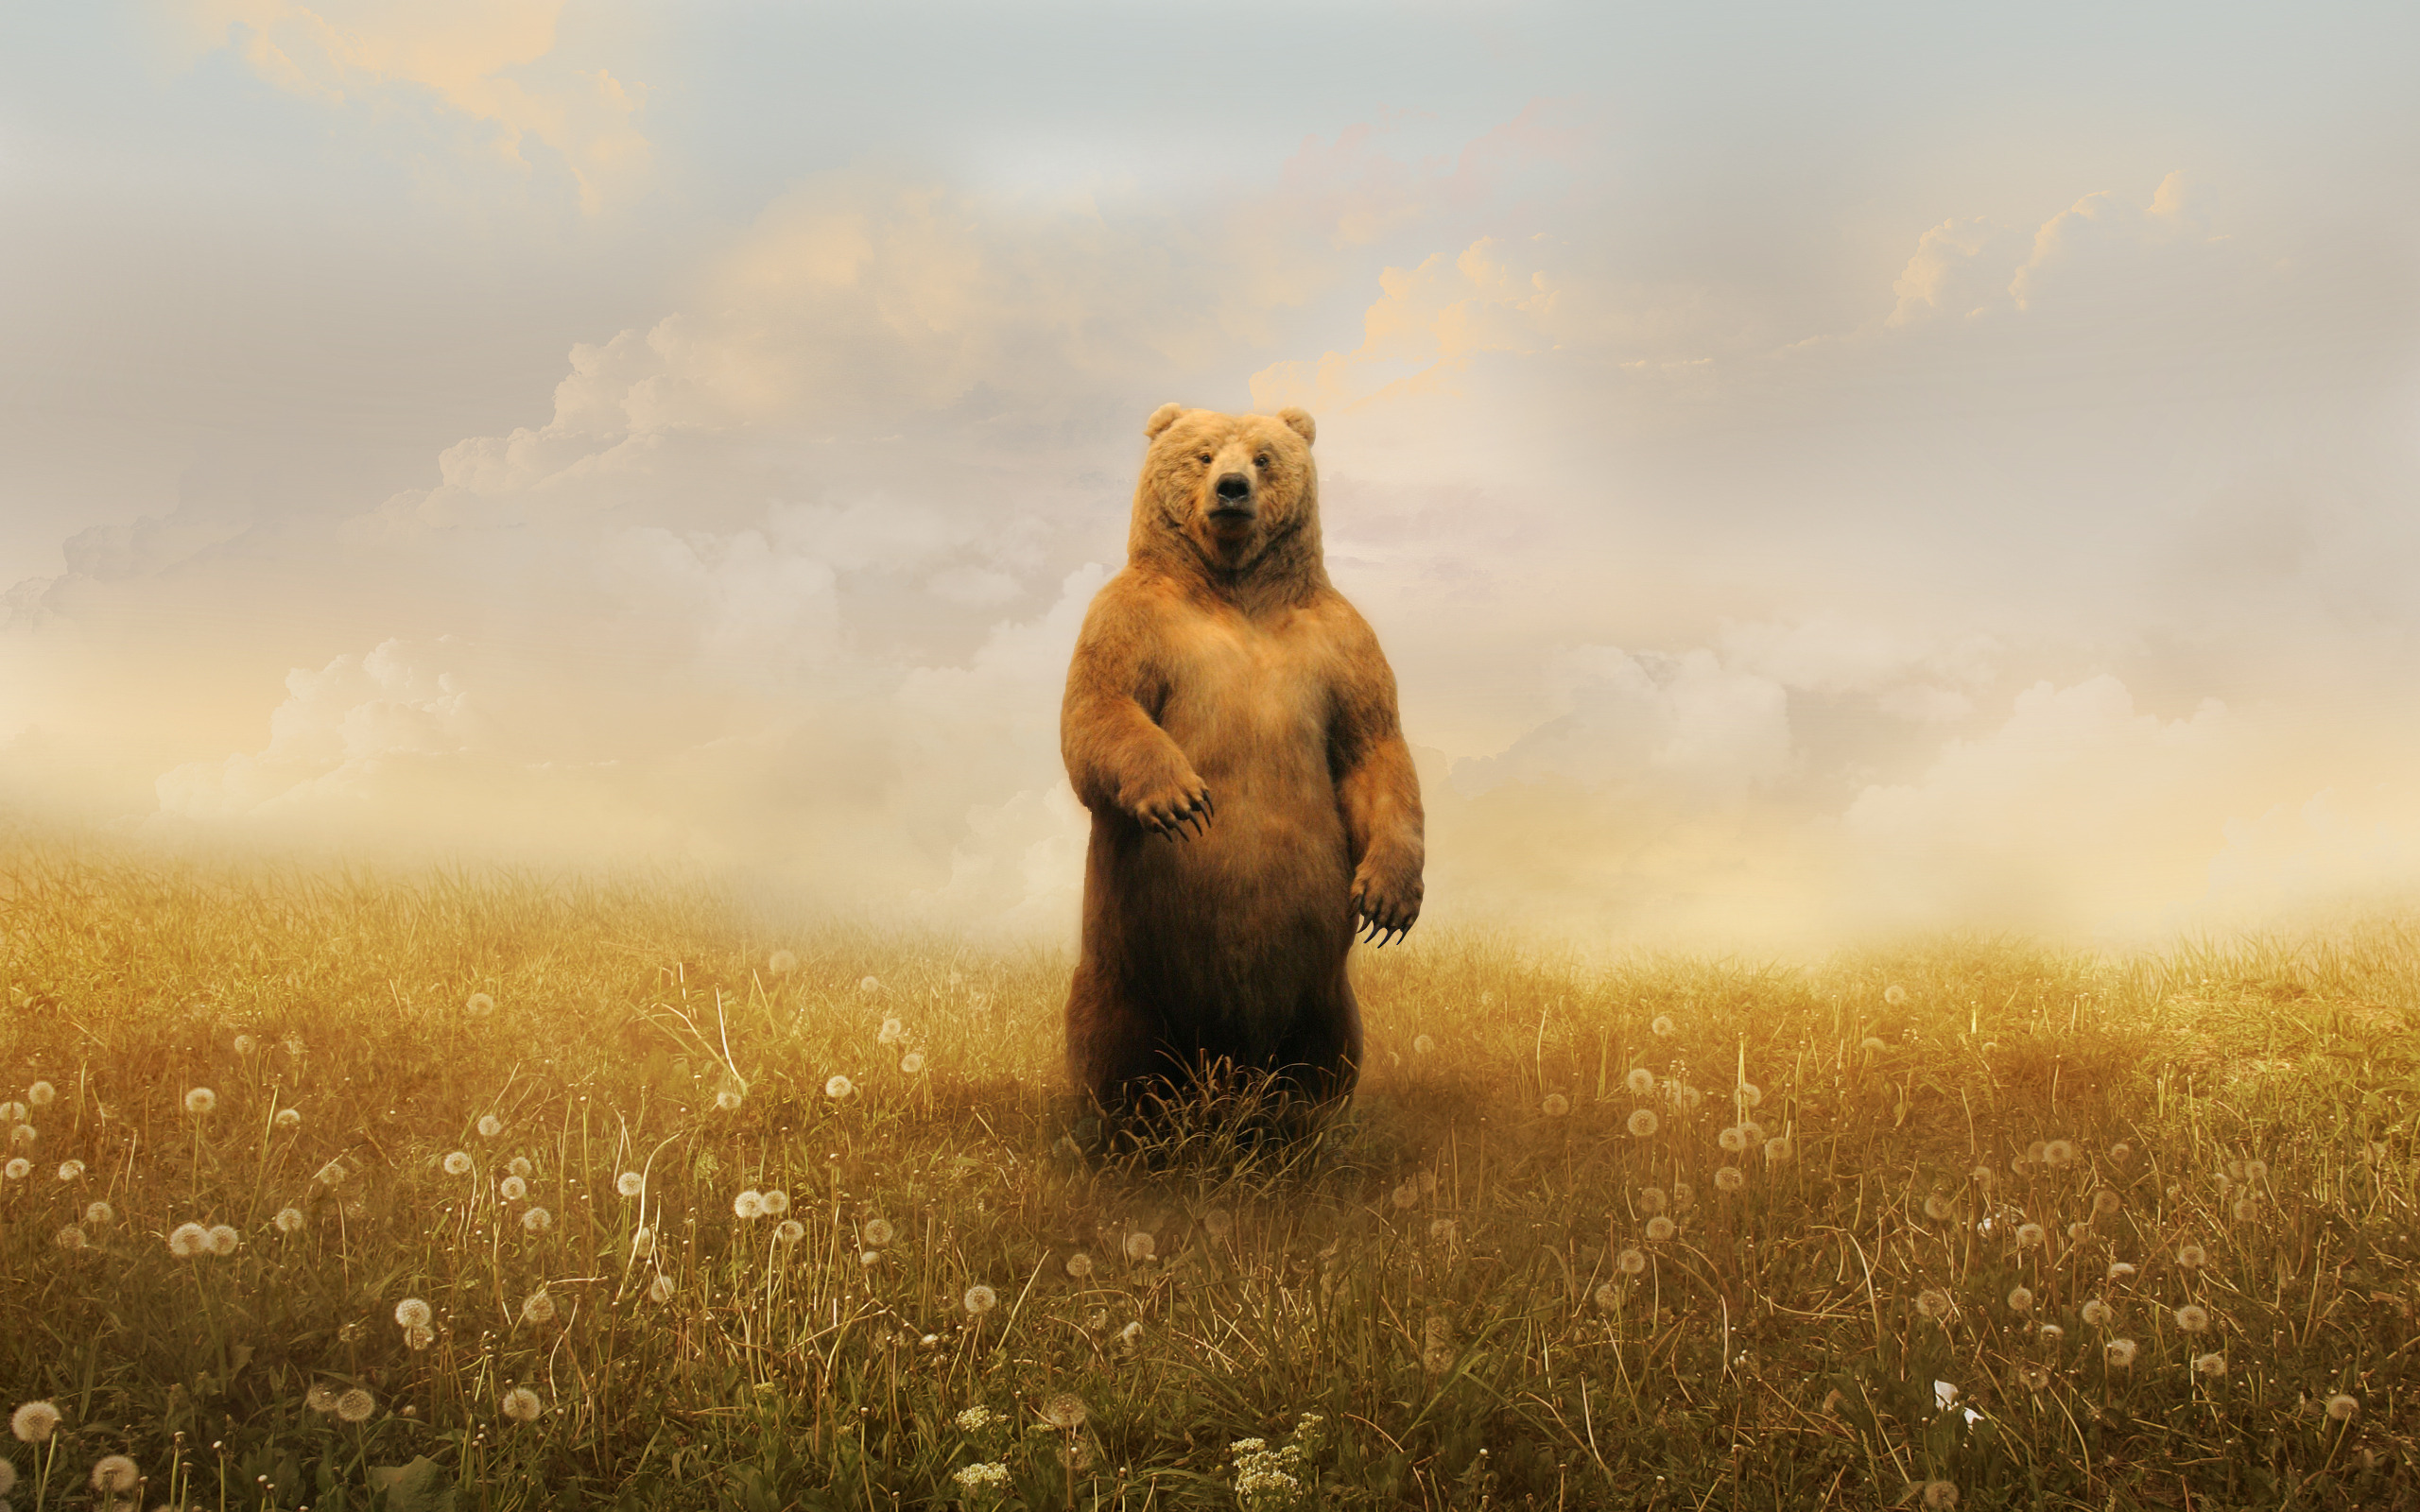 обои для рабочего стола россия медведь для рабочего стола № 206529 без смс